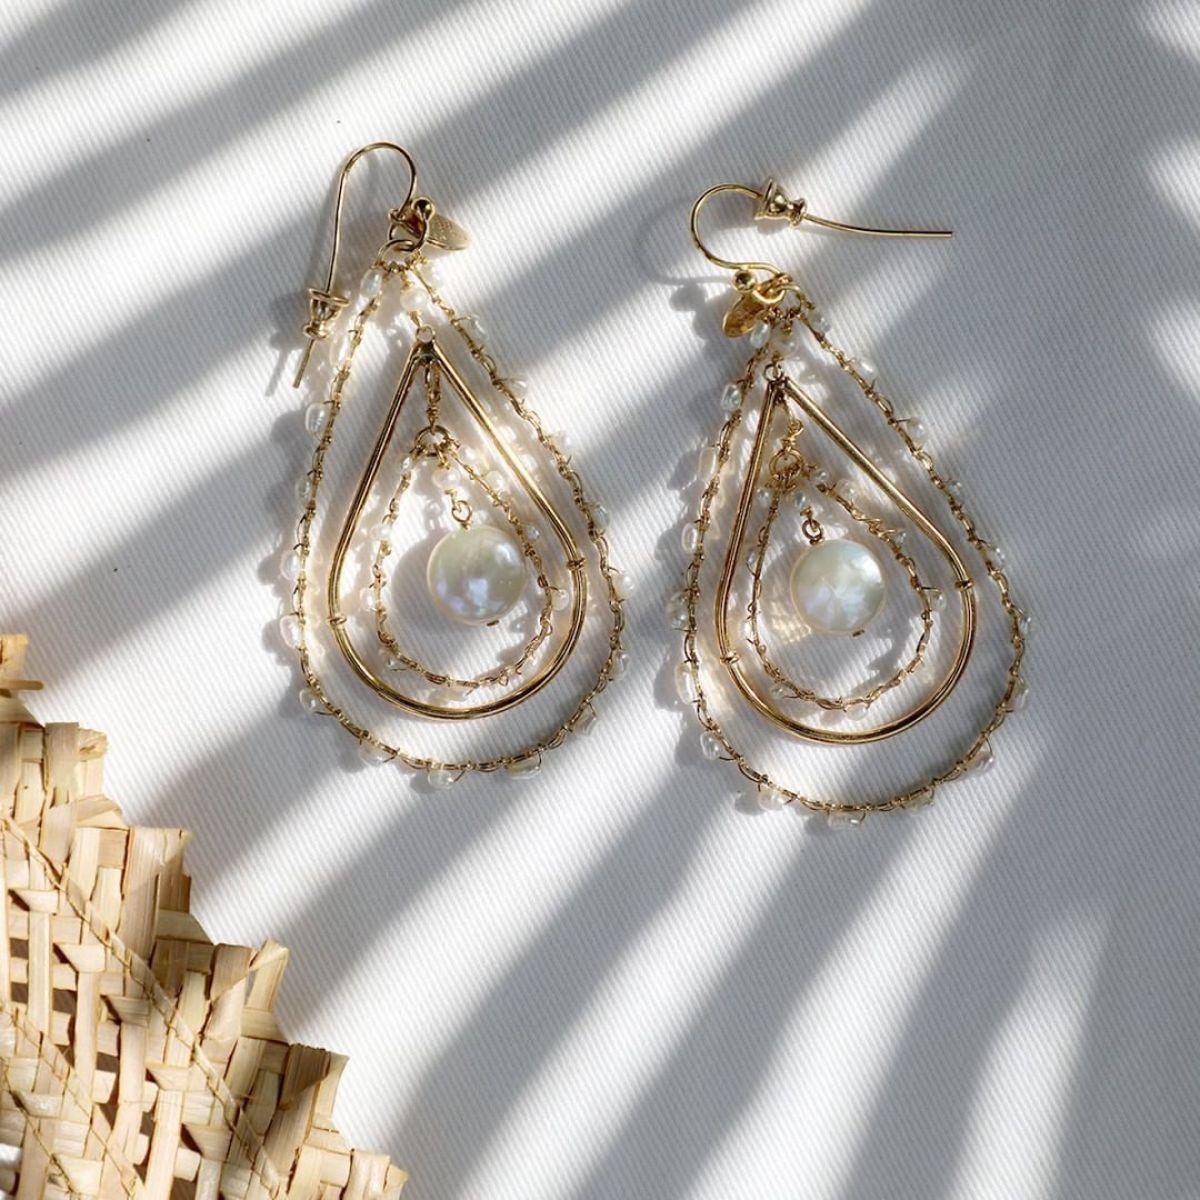 Orphee - Ohrhänger - 24k vergoldet